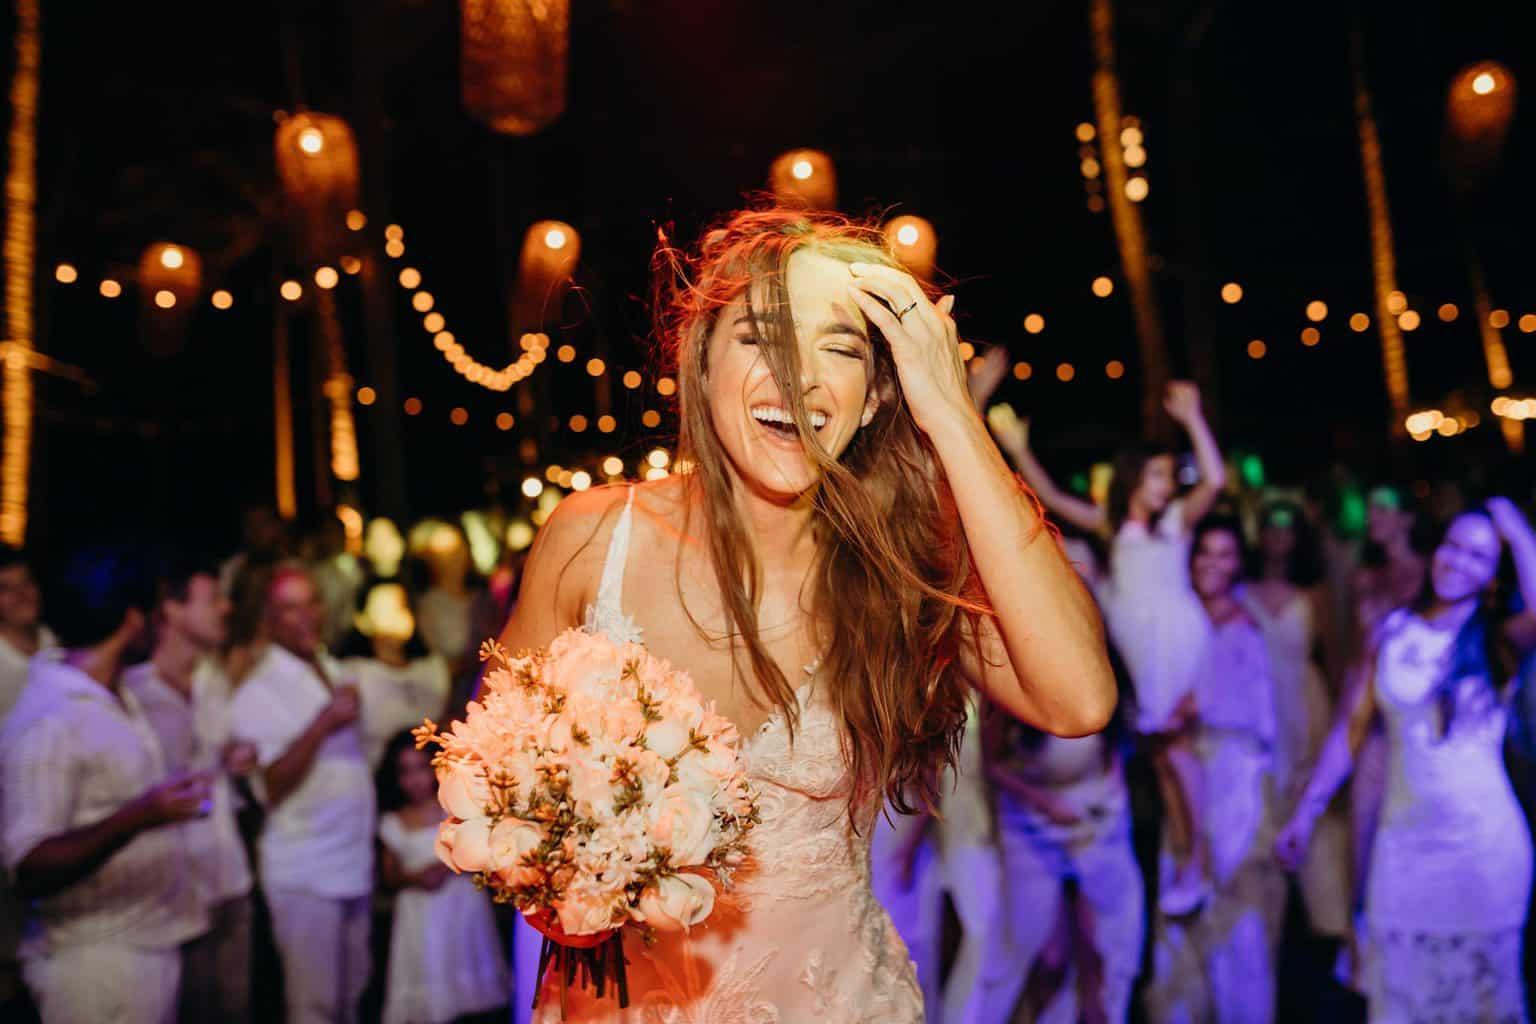 casamento-Danielle-e-Guilherme-aloha-fotografia-caseme-142